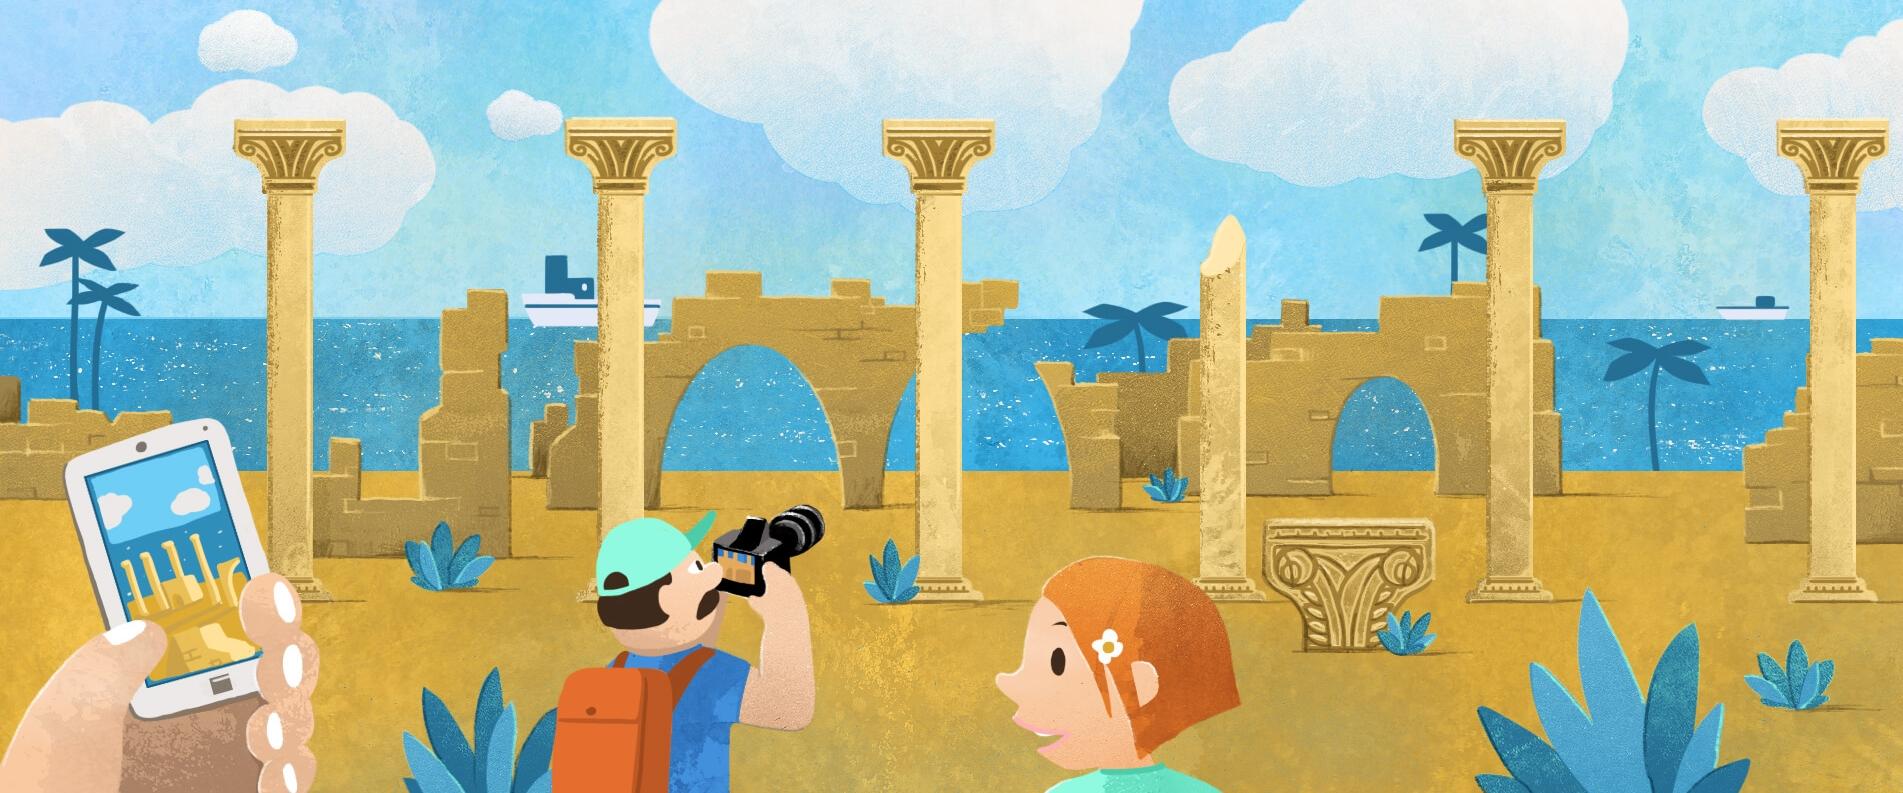 Куда пойти в Лимассоле: развлечения, пляжи, музеи, монастыри и рестораны